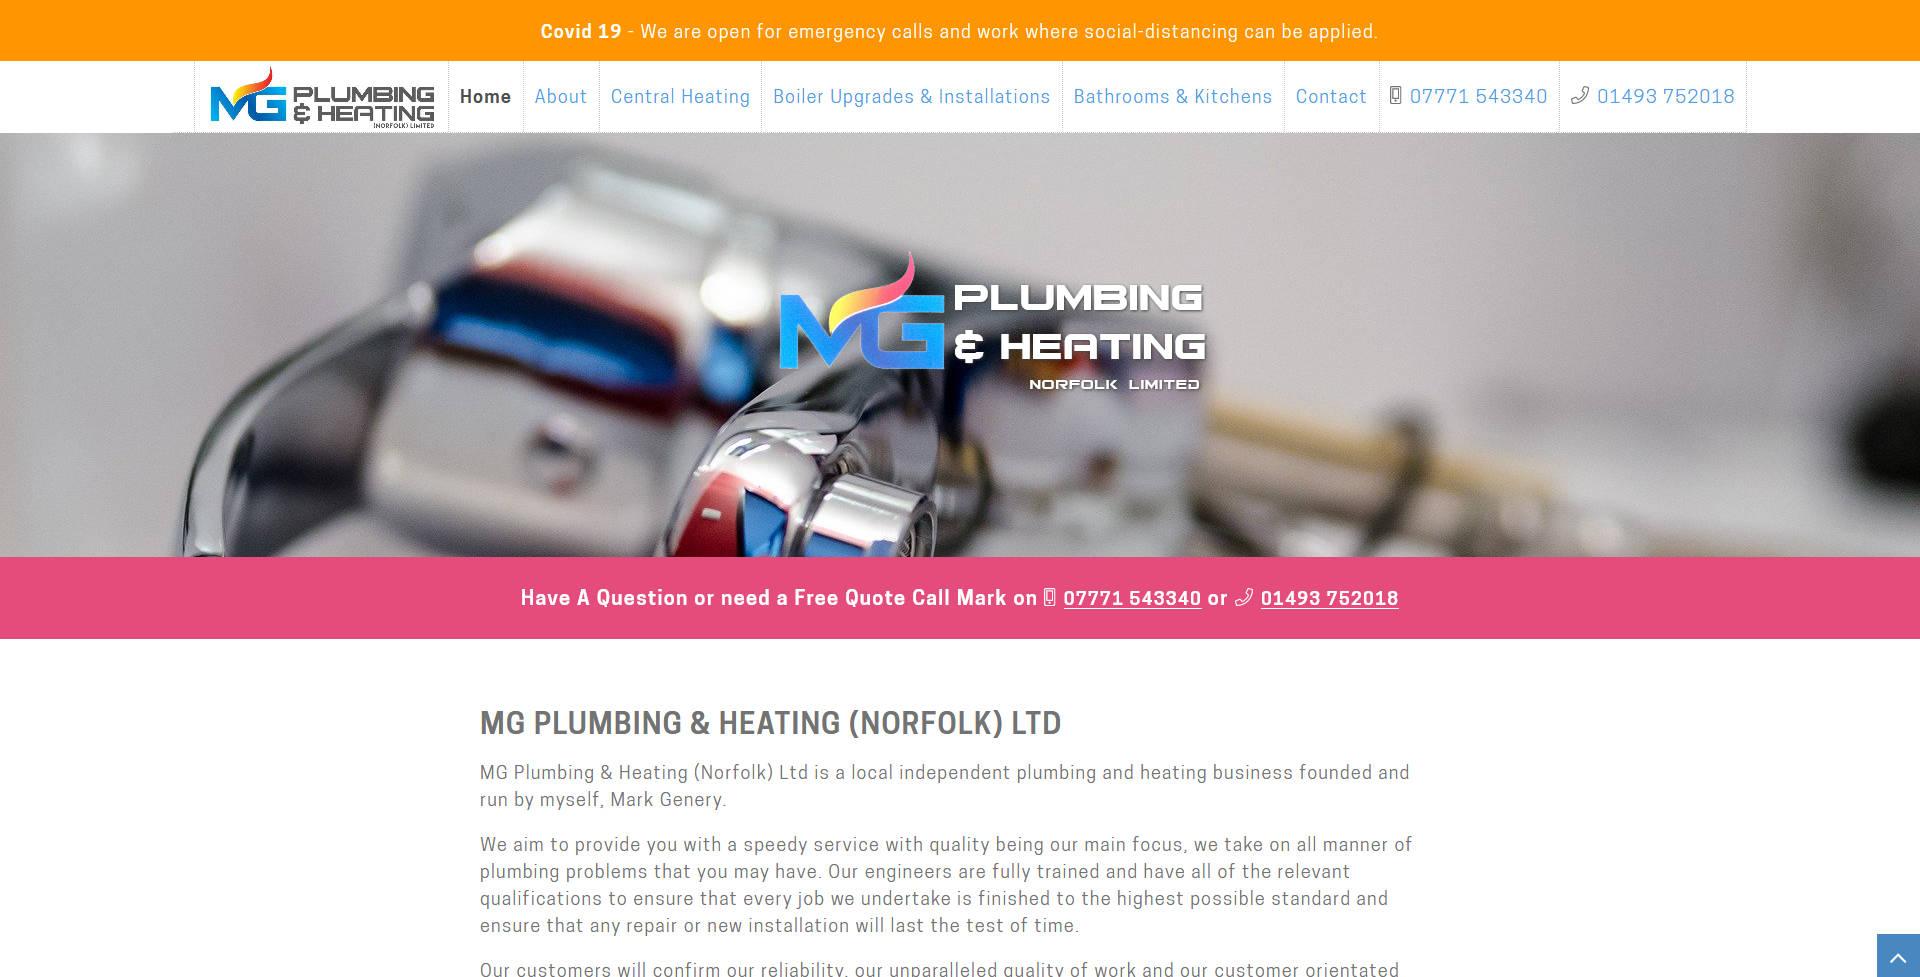 MG Plumbing & Heating Ltd website frontpage